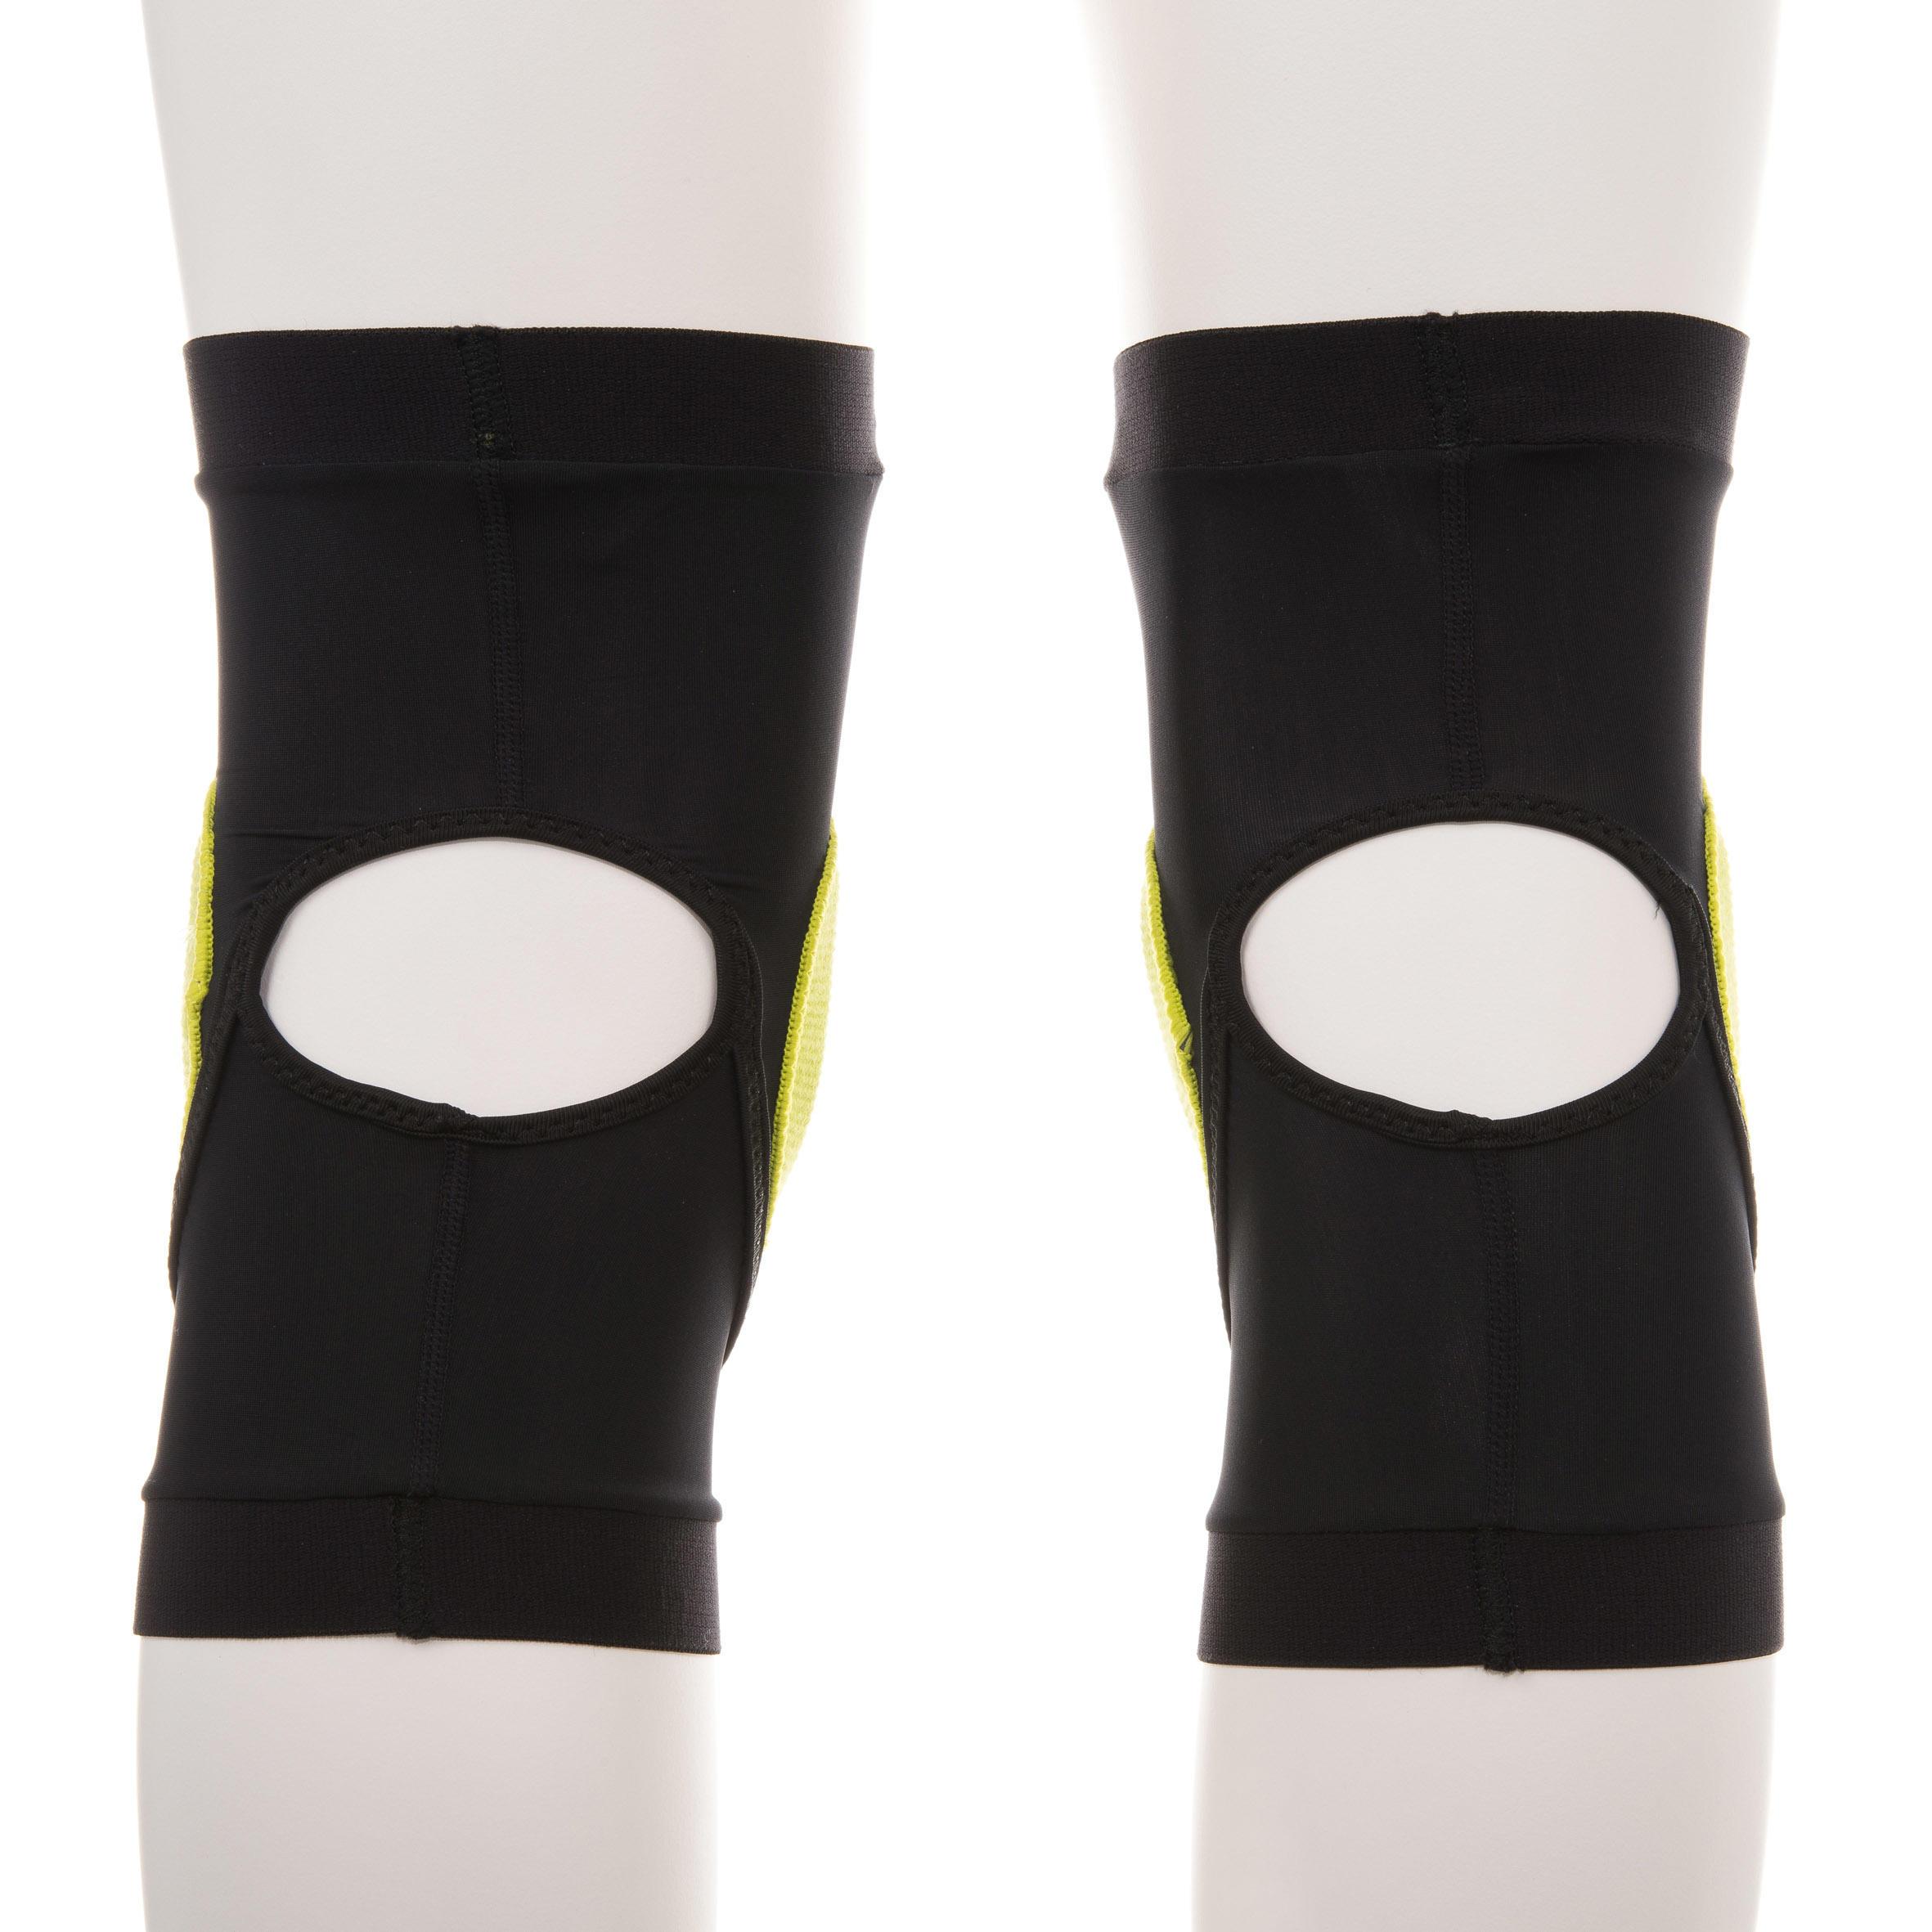 Protège-genoux de planche à neige adulte Protection genou noir